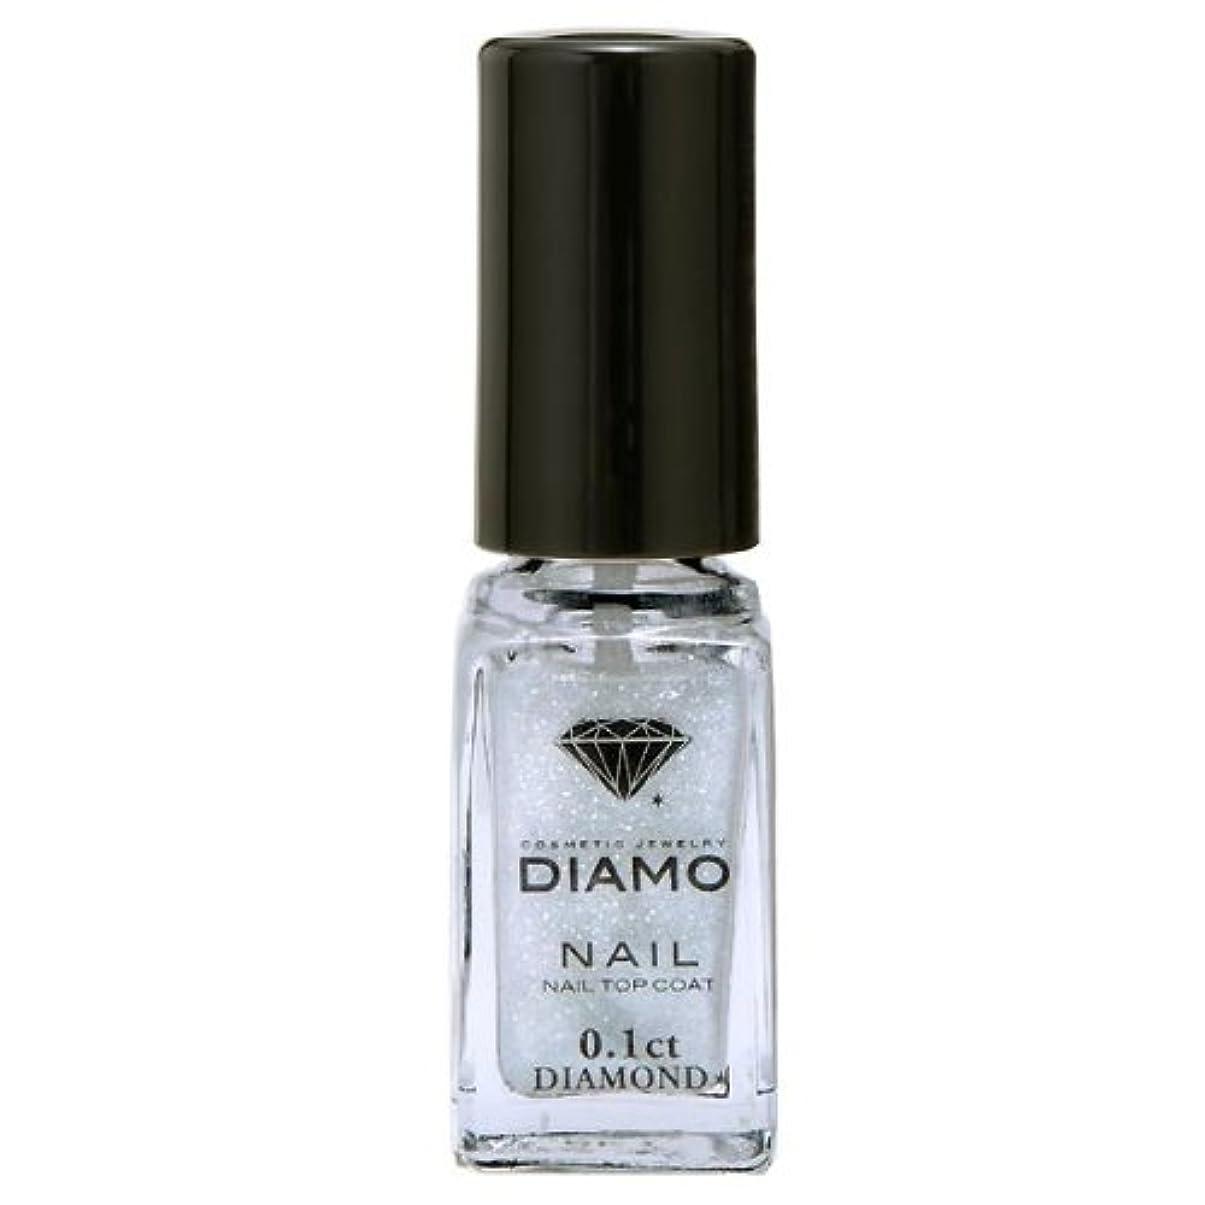 息を切らして提案非互換DIAMO(ディアモ) ネイル トップコート 5ml